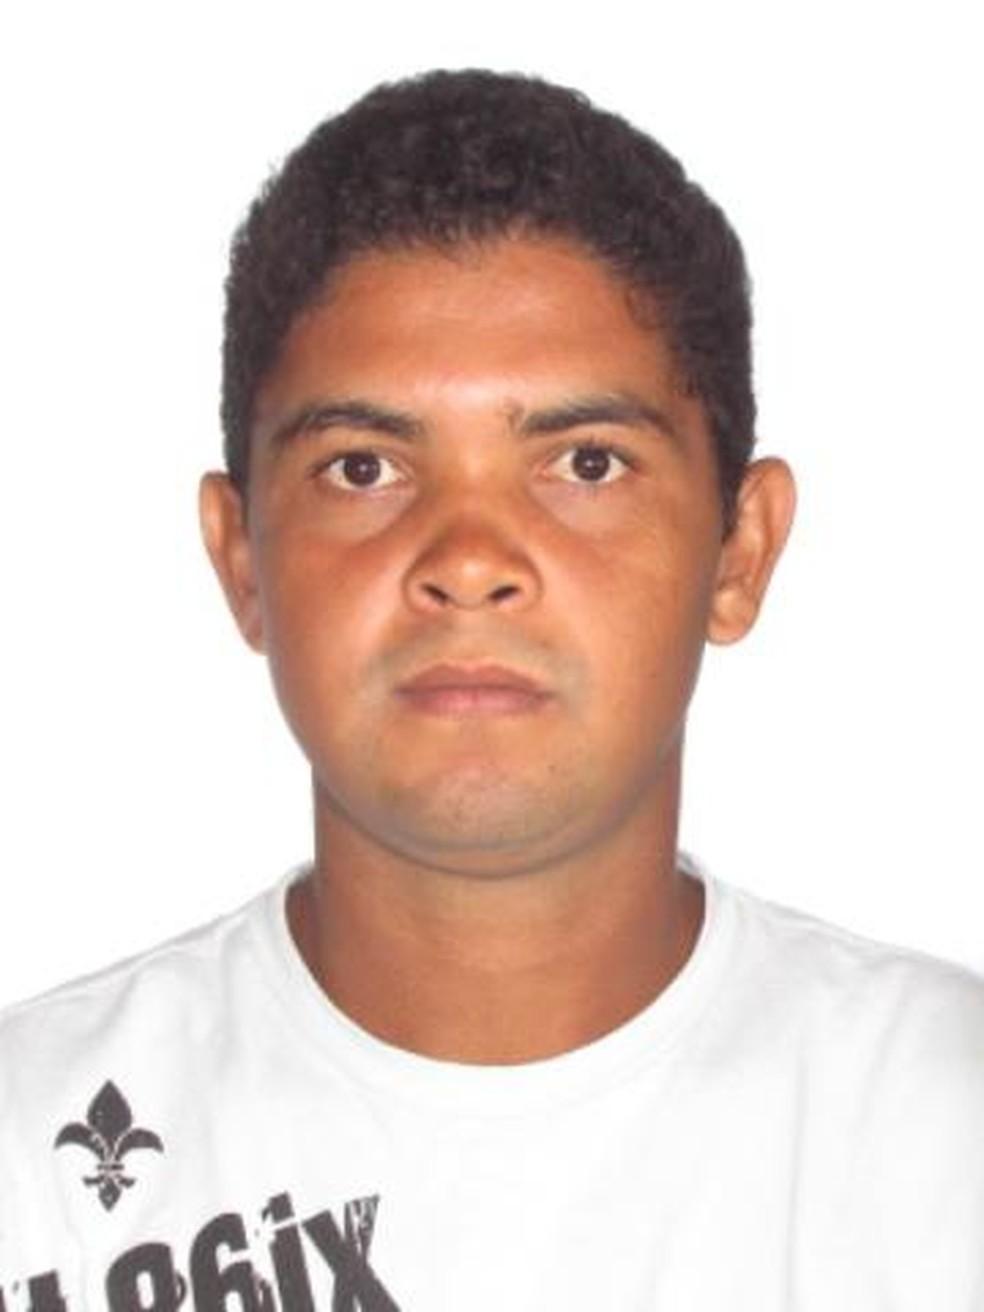 Josemir Costa de Amorim morreu após receber uma facada por conta de uma discussão por pedaço de melancia — Foto: Divulgação/Polícia Civil